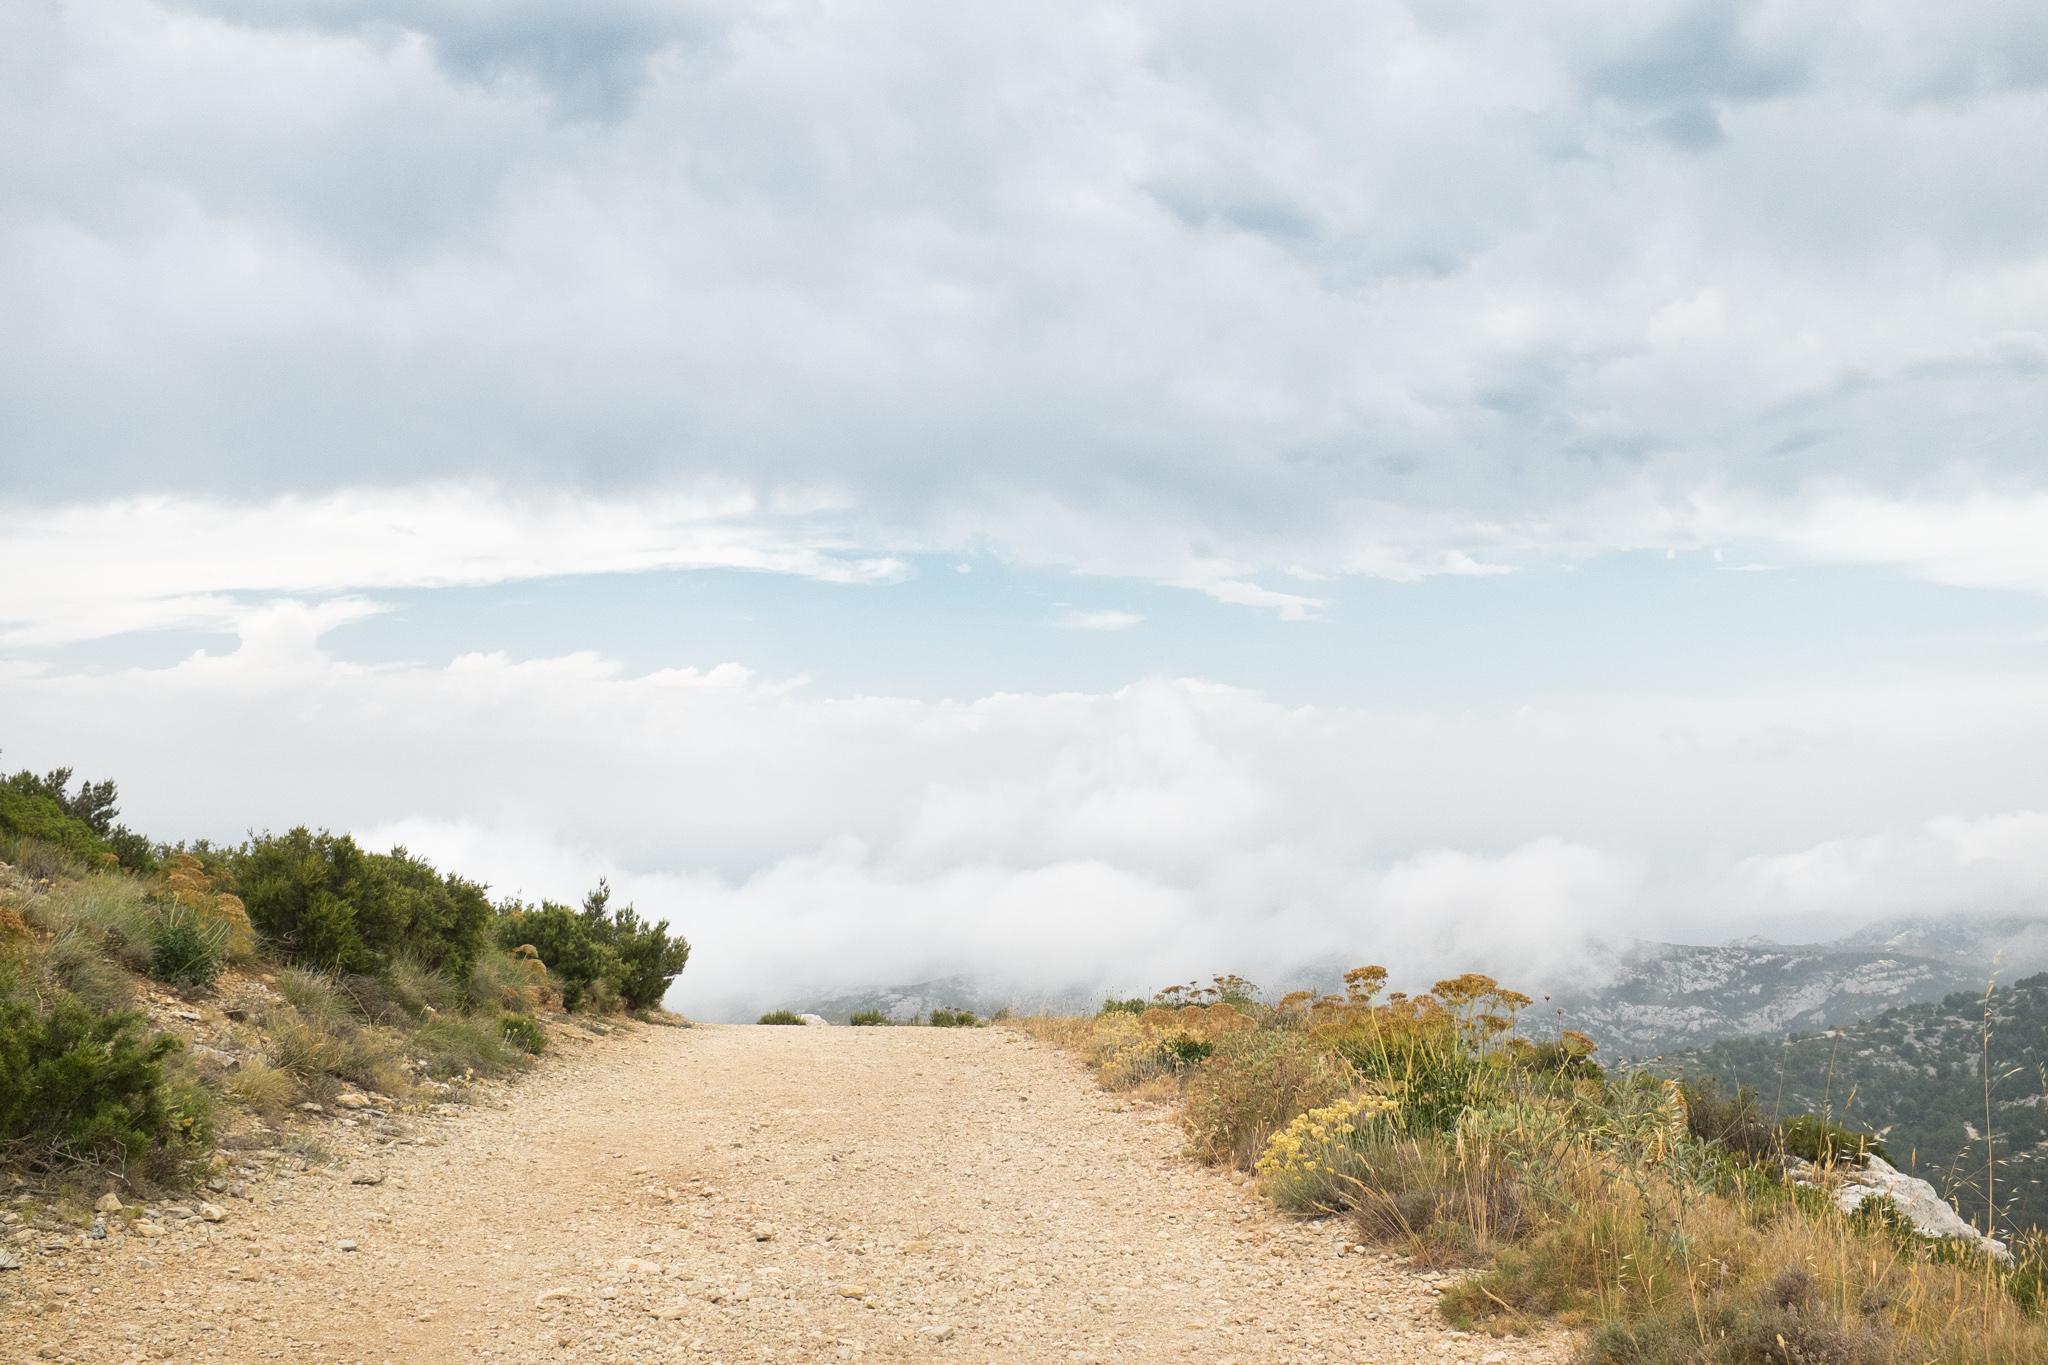 2910-nature-provence-landscapes.jpg